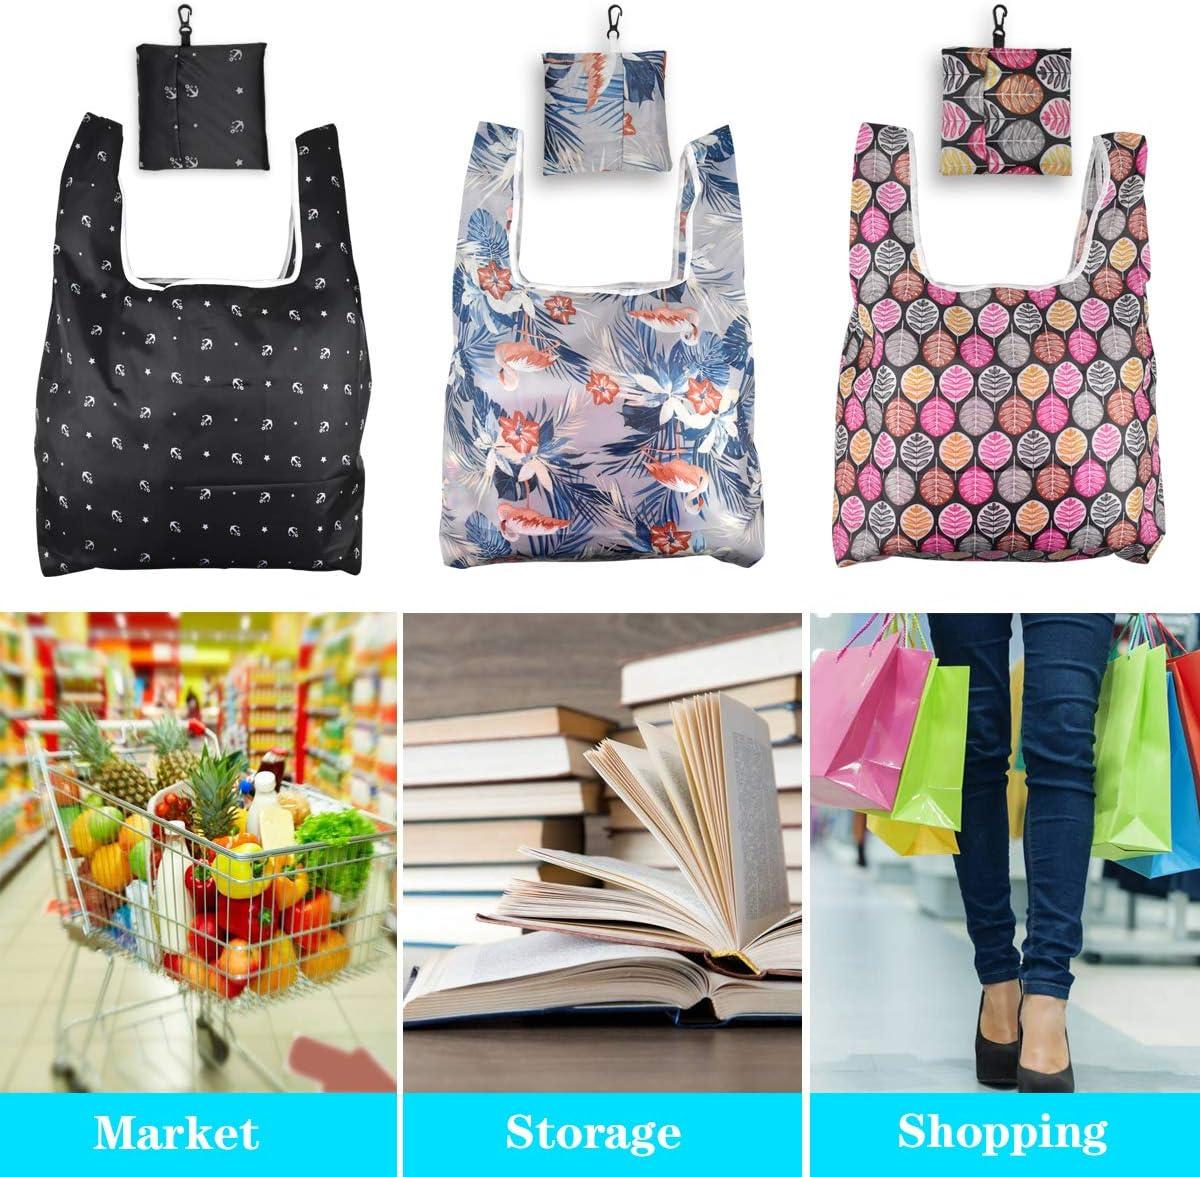 Reutilizables Bolsas de Supermercado Bolsas de comestibles para Compras Ligero Bolsas de Supermercado Dokpav Bolsa de Compras 3pcs Bolsa Compra Plegable Reutilizables Comprar Bolsa de Tela